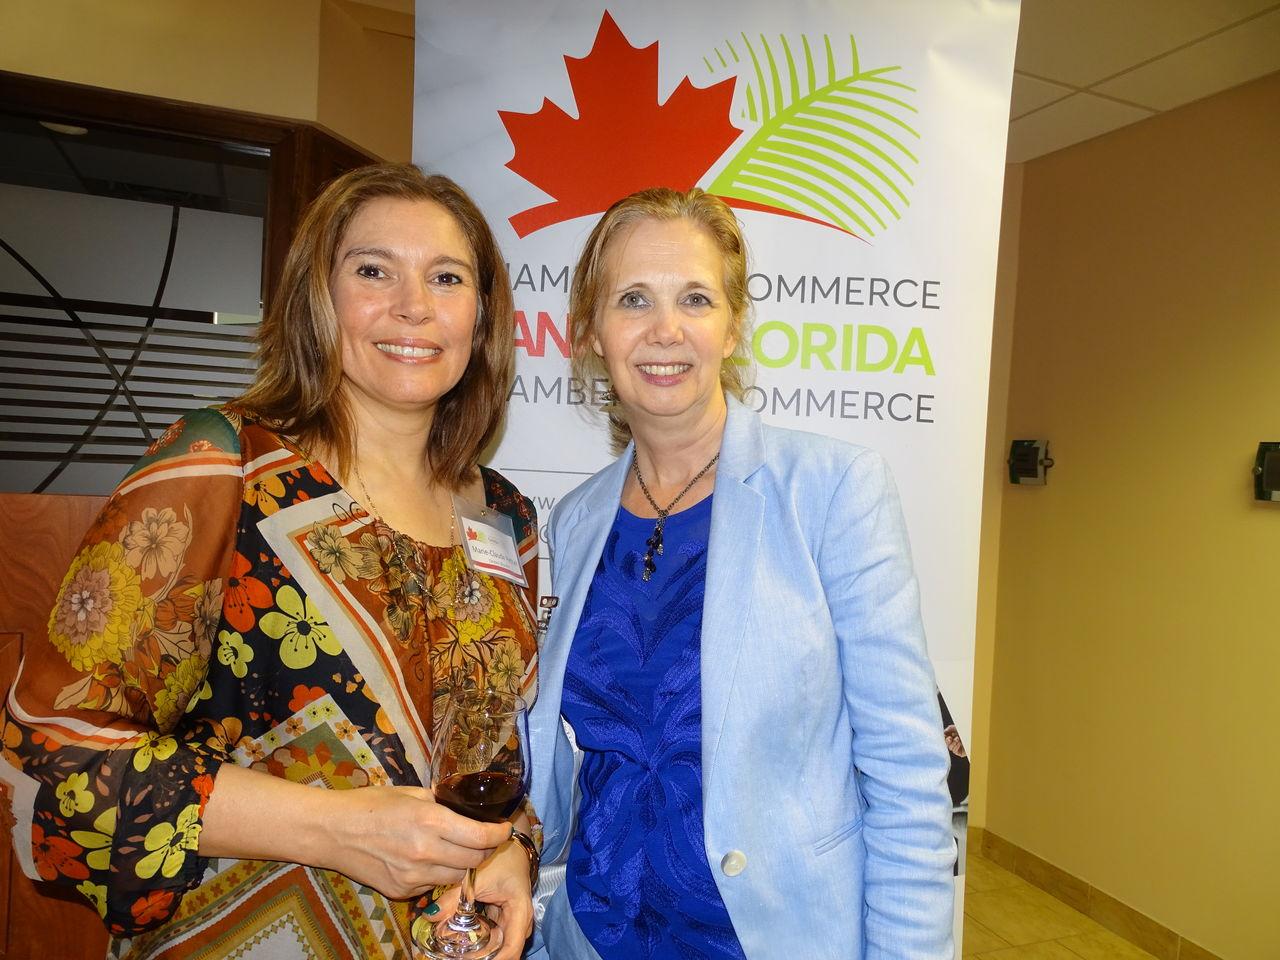 Marie-Claude Péthel et Sophie Proulx durant la 14e mission commerciale de la Chambre Canada-Floride